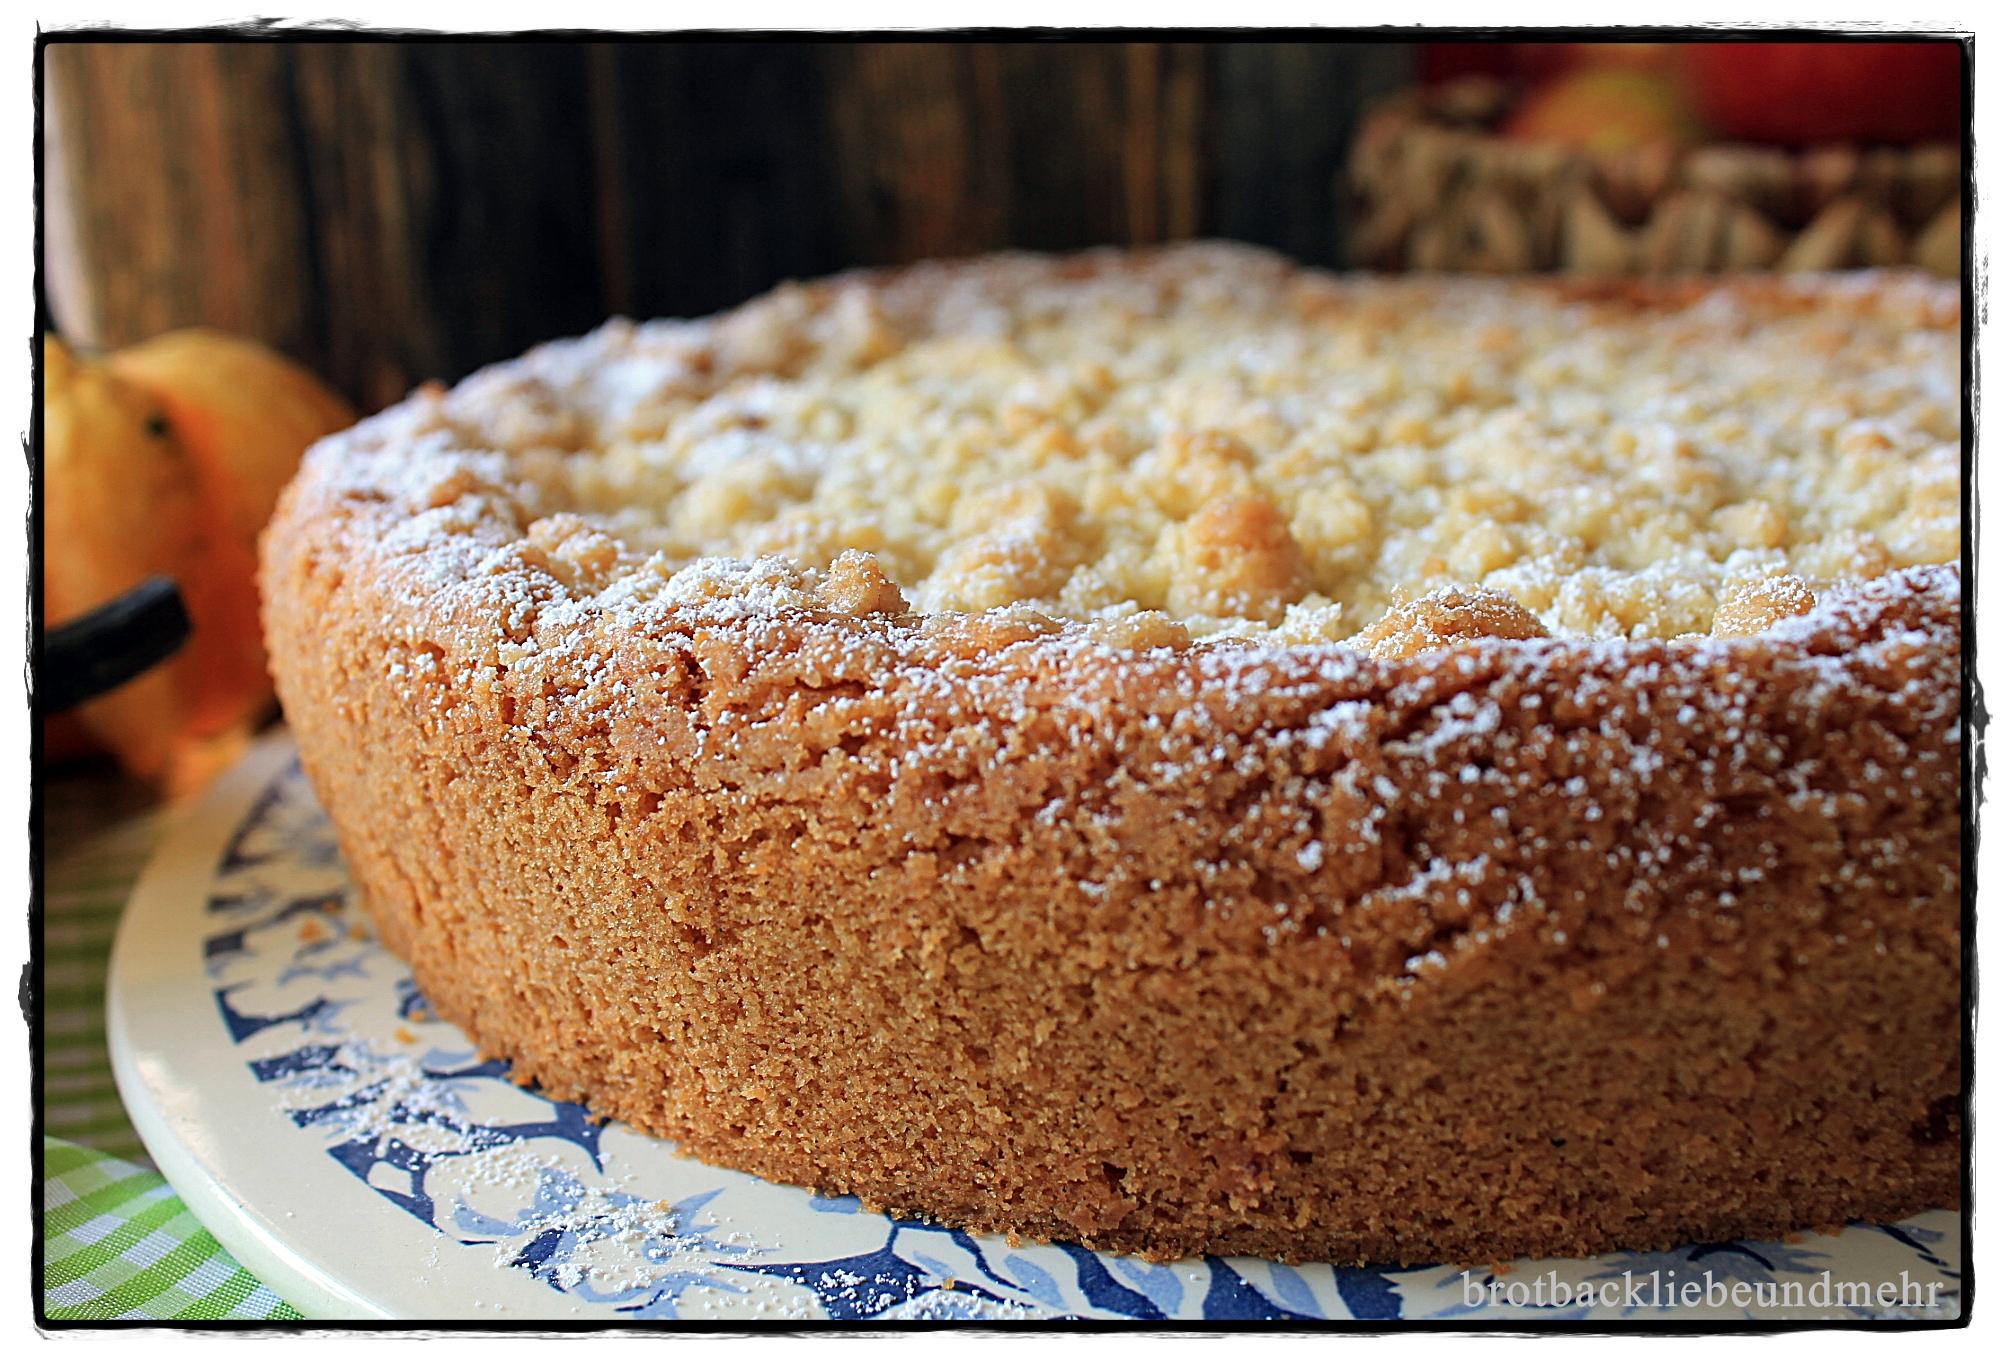 Kostlicher Apfel Pudding Schichtkuchen Brotbackliebe Undmehr